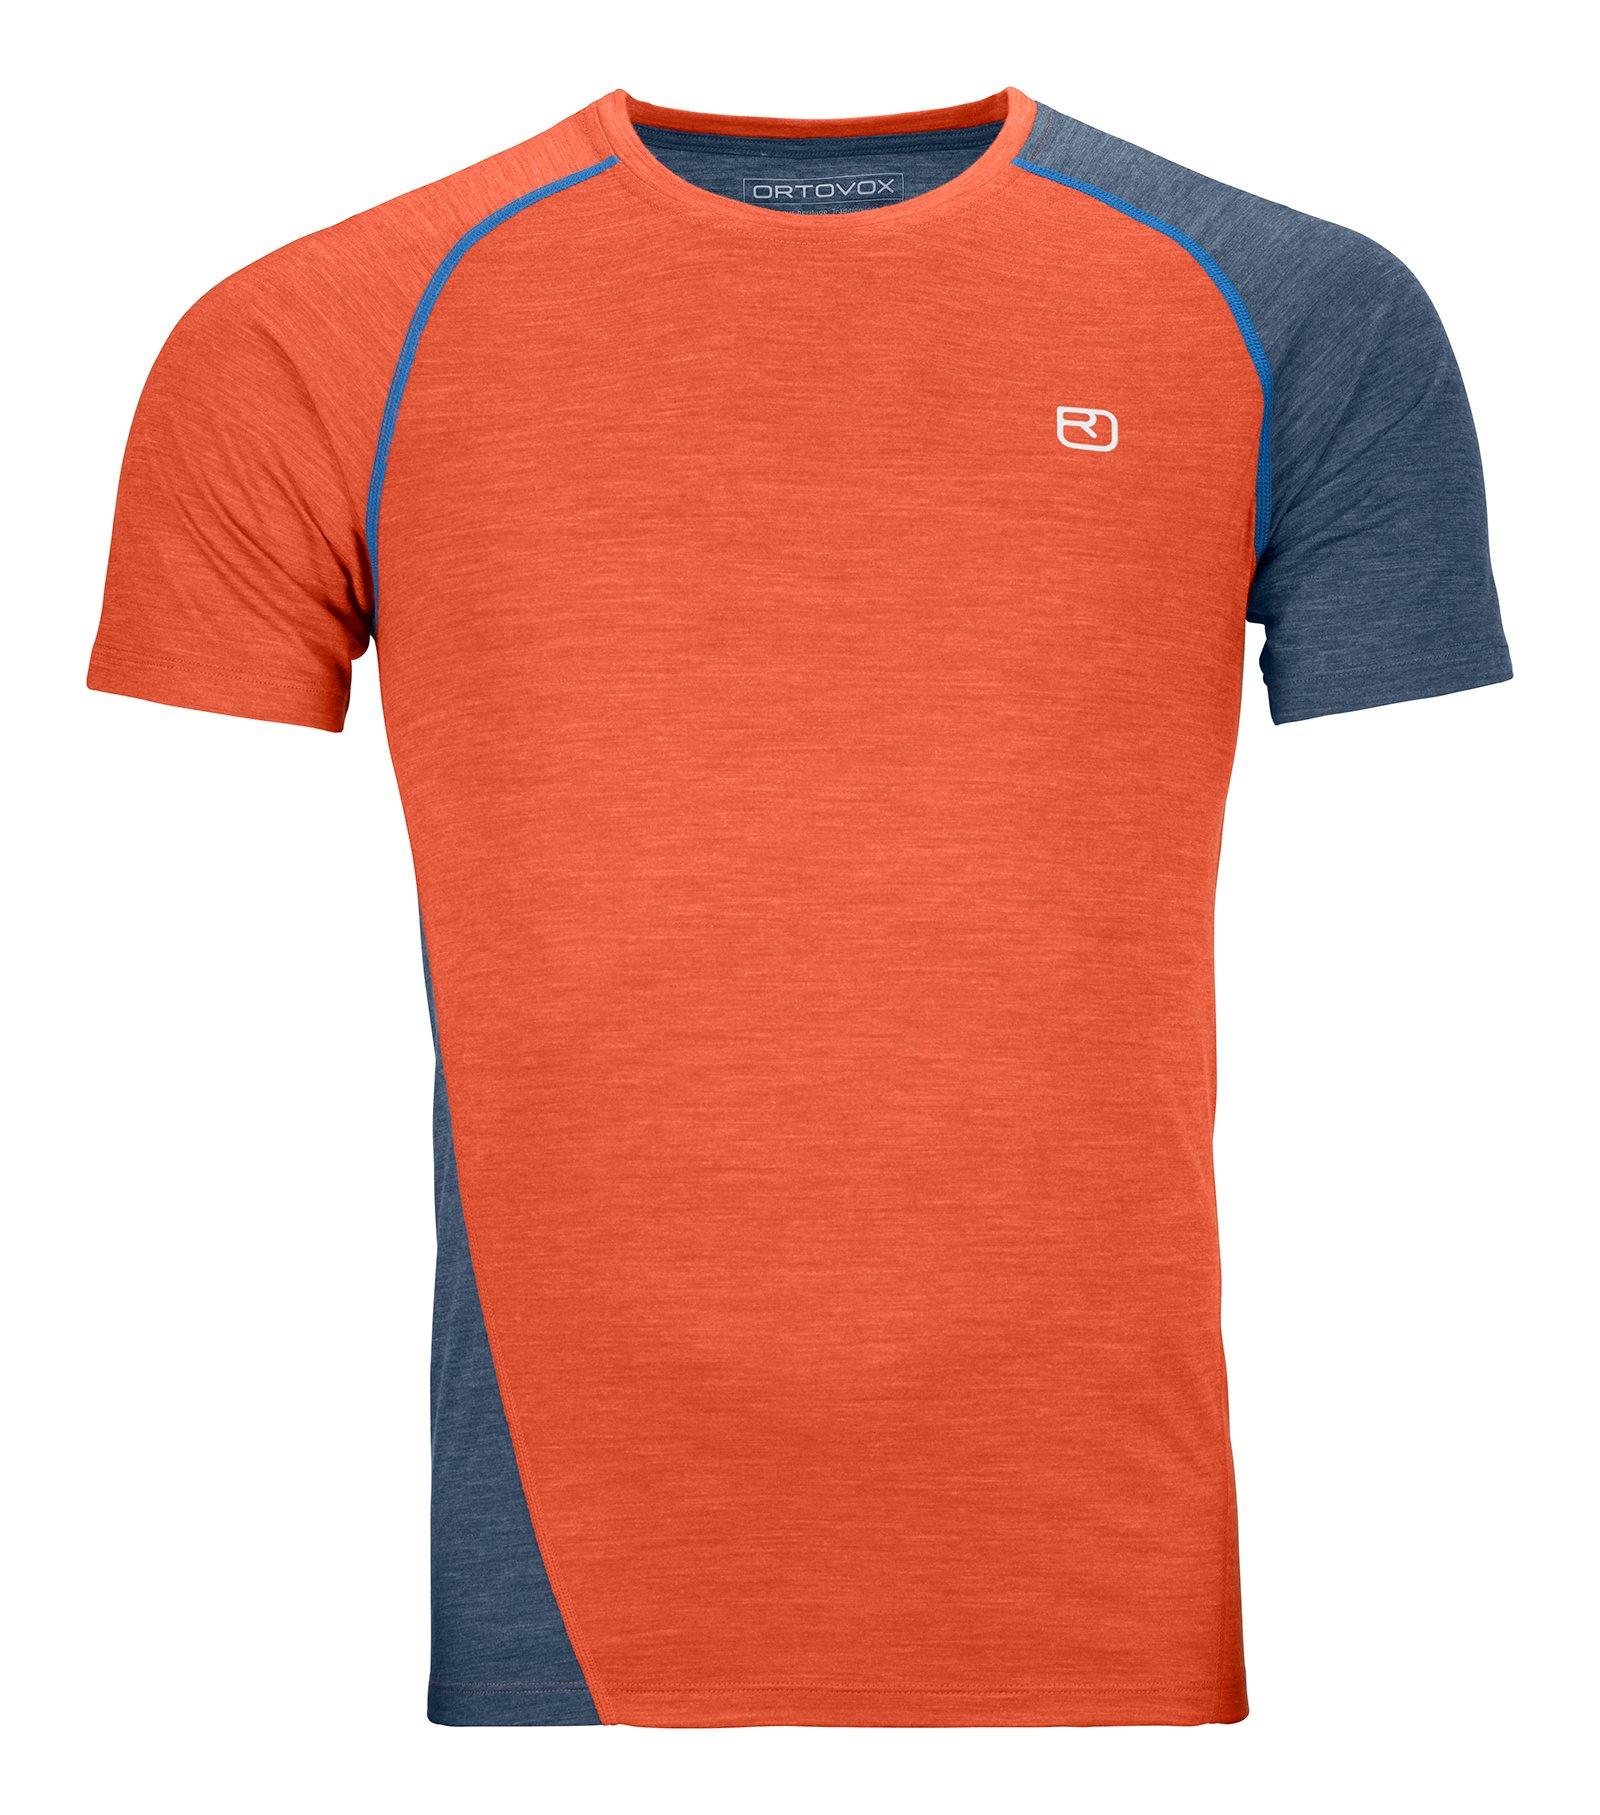 """Ortovox """"120 Cool Tec Fast Upward TS M"""" - orange"""